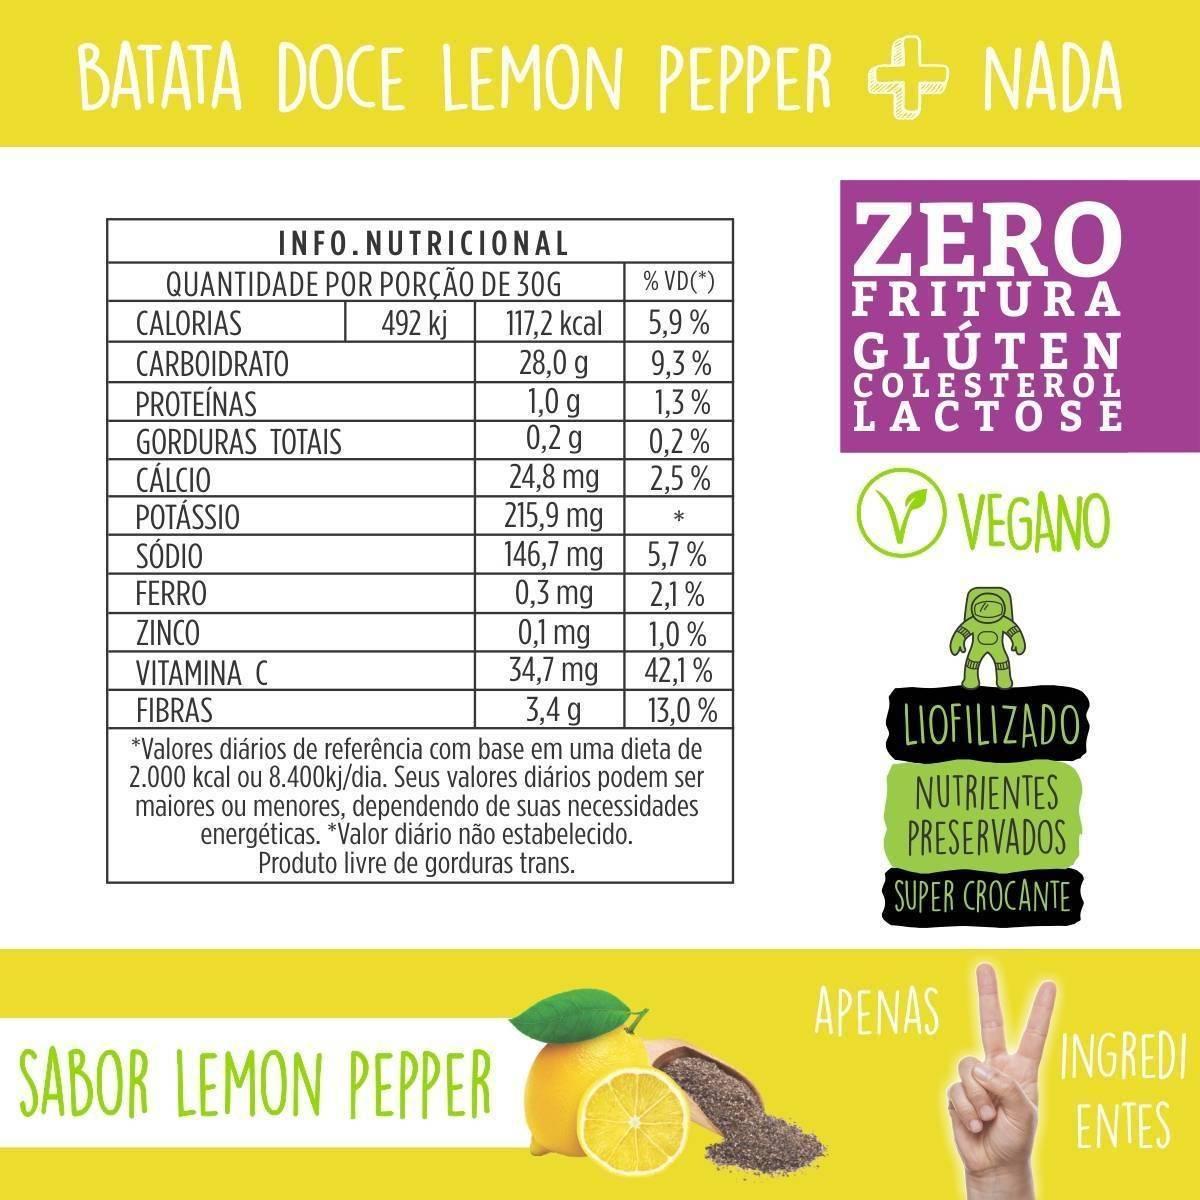 Combo 5 unidades Chips de Batata Doce Lemon Pepper + 5 unidades Tomate e Ervas - QPod